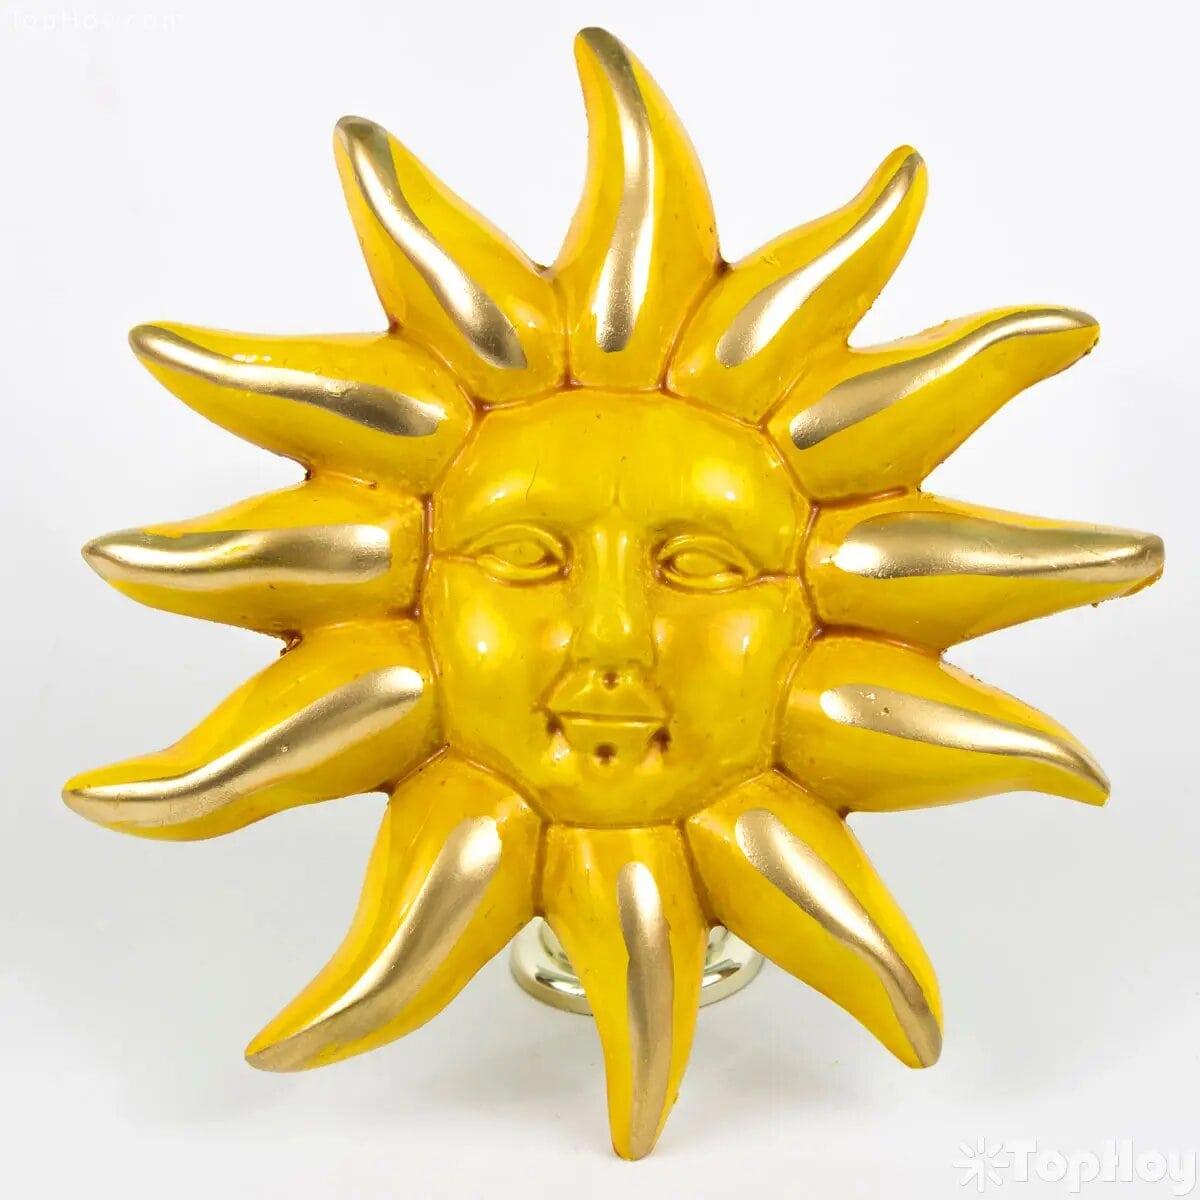 6 de 10 millonésimas partes del astro rey están hechas de oro. Si no fuera porque te quemas ya muchos hubiesen ido a buscar el tesoro invaluable que alberga.